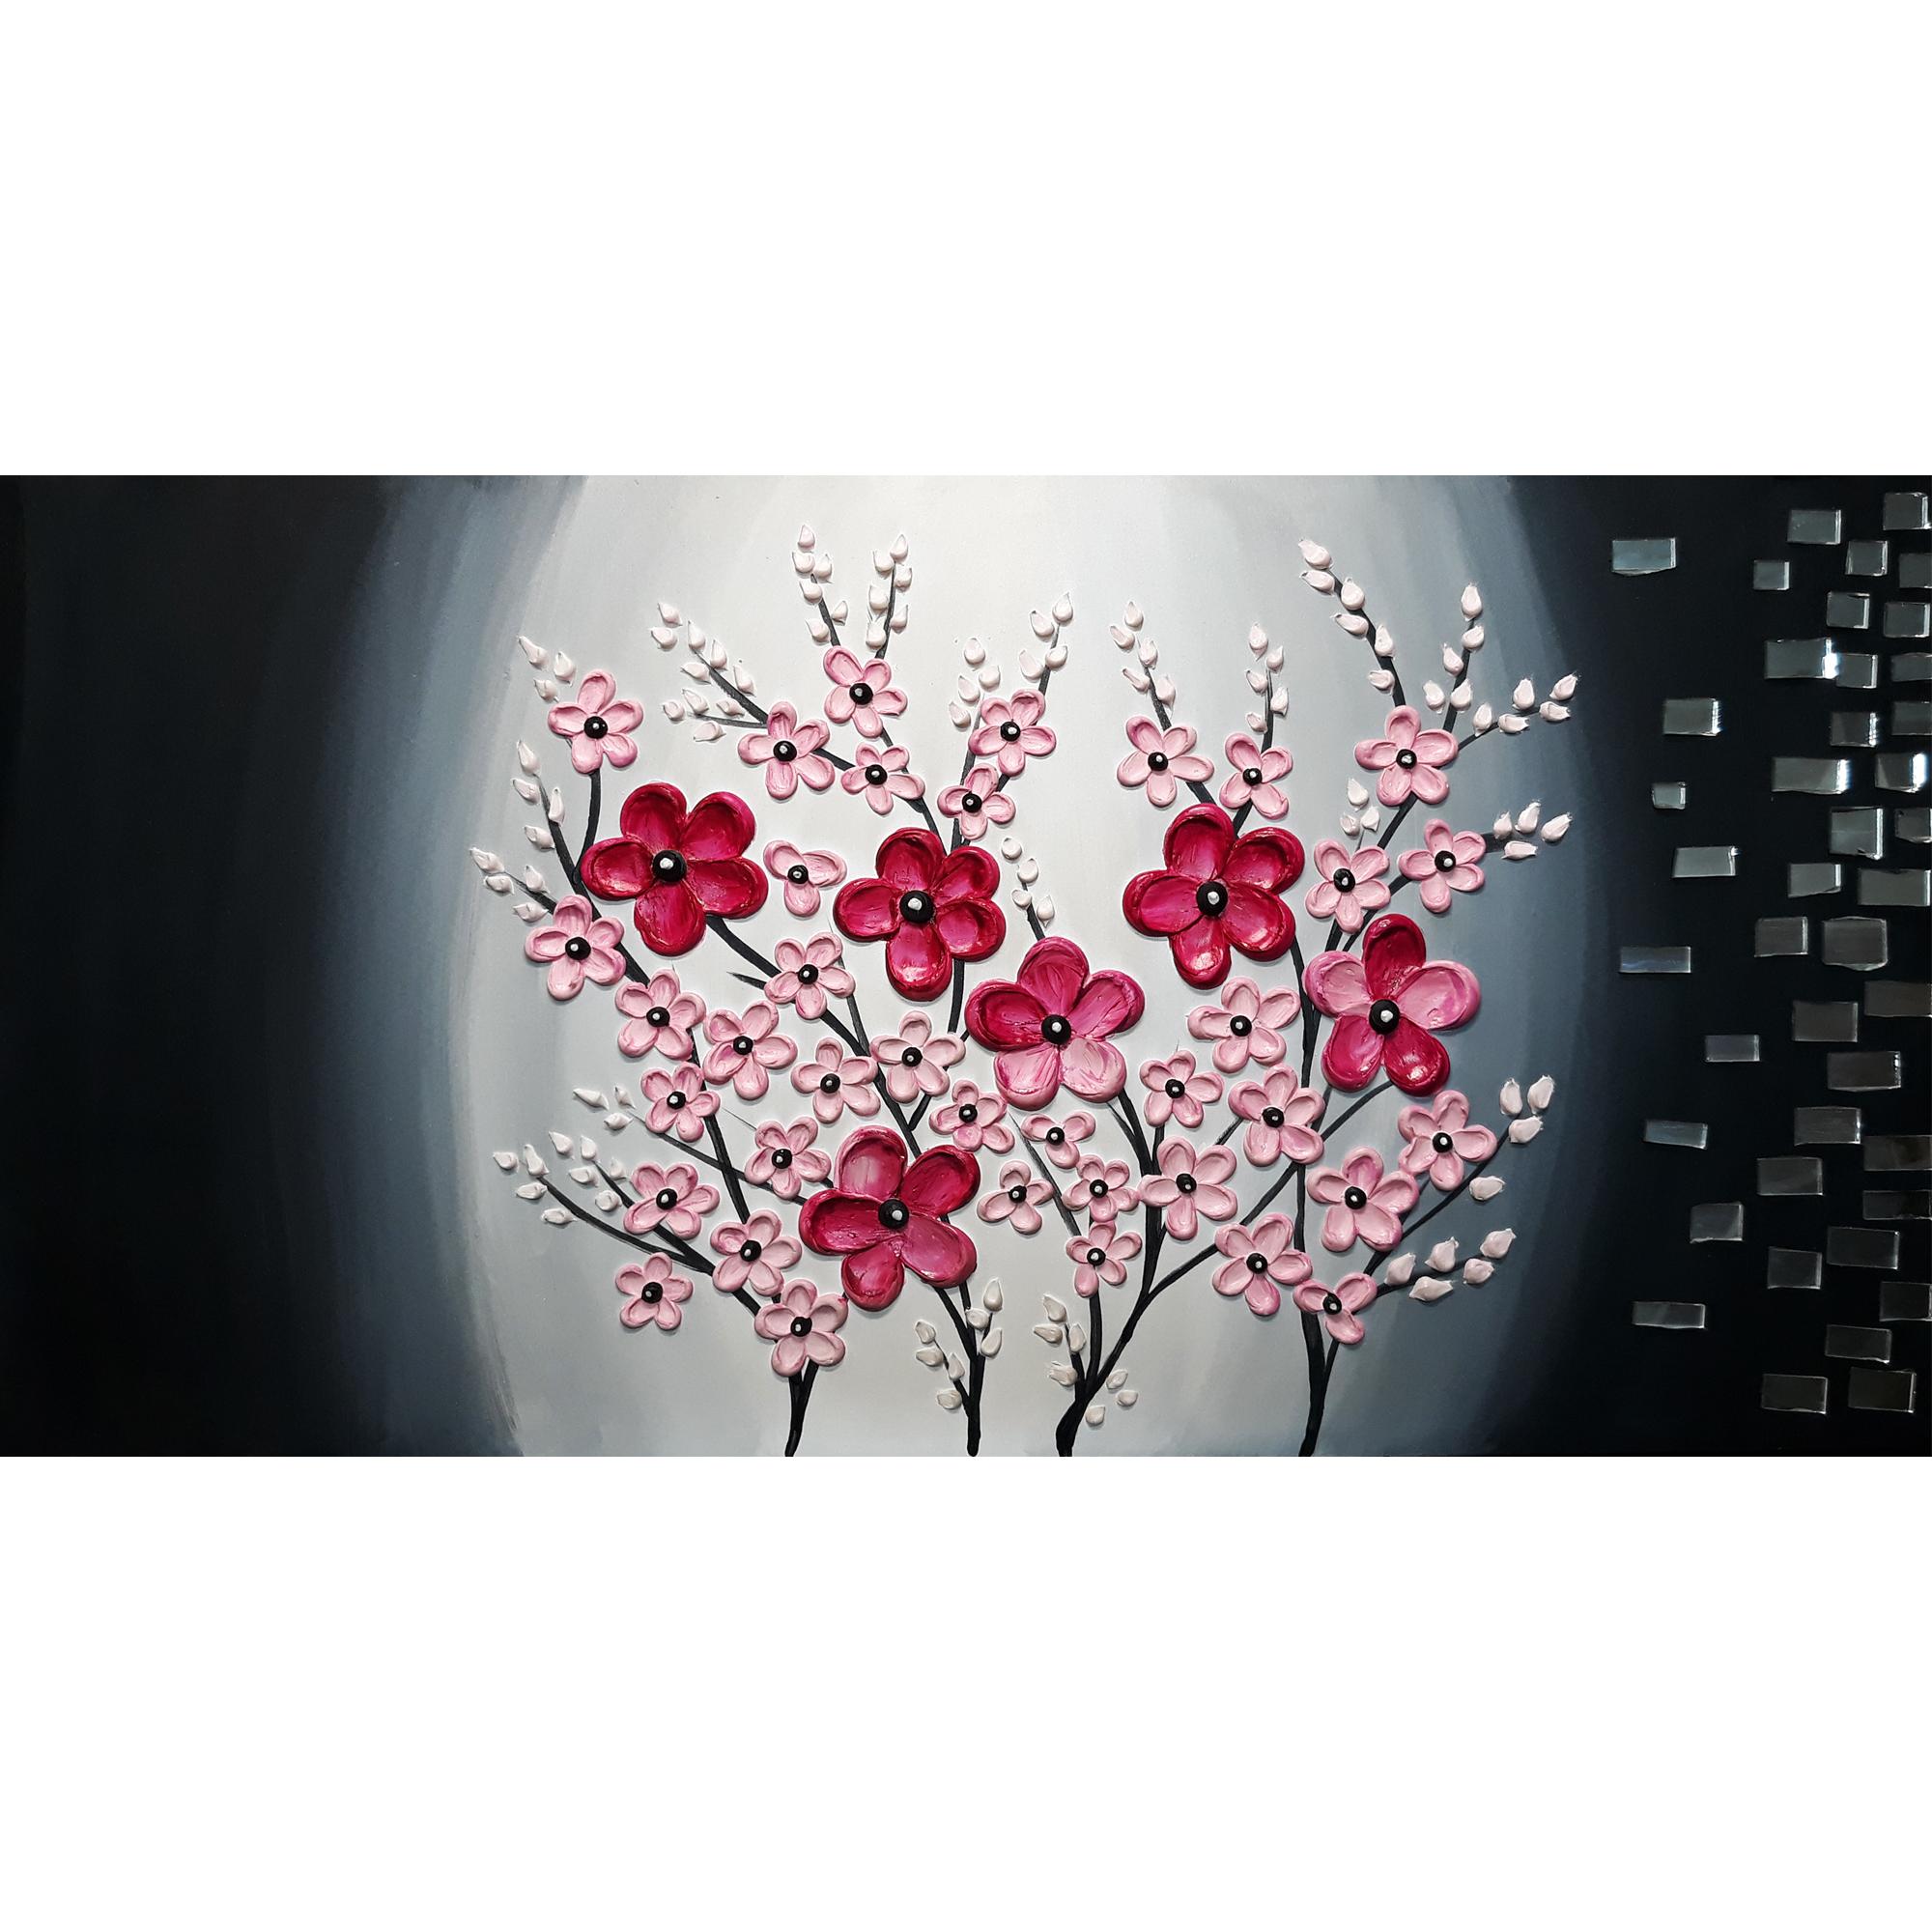 تابلو نقاشی میکس مدیا طرح شکوفه های گیلاس برجسته کد 111